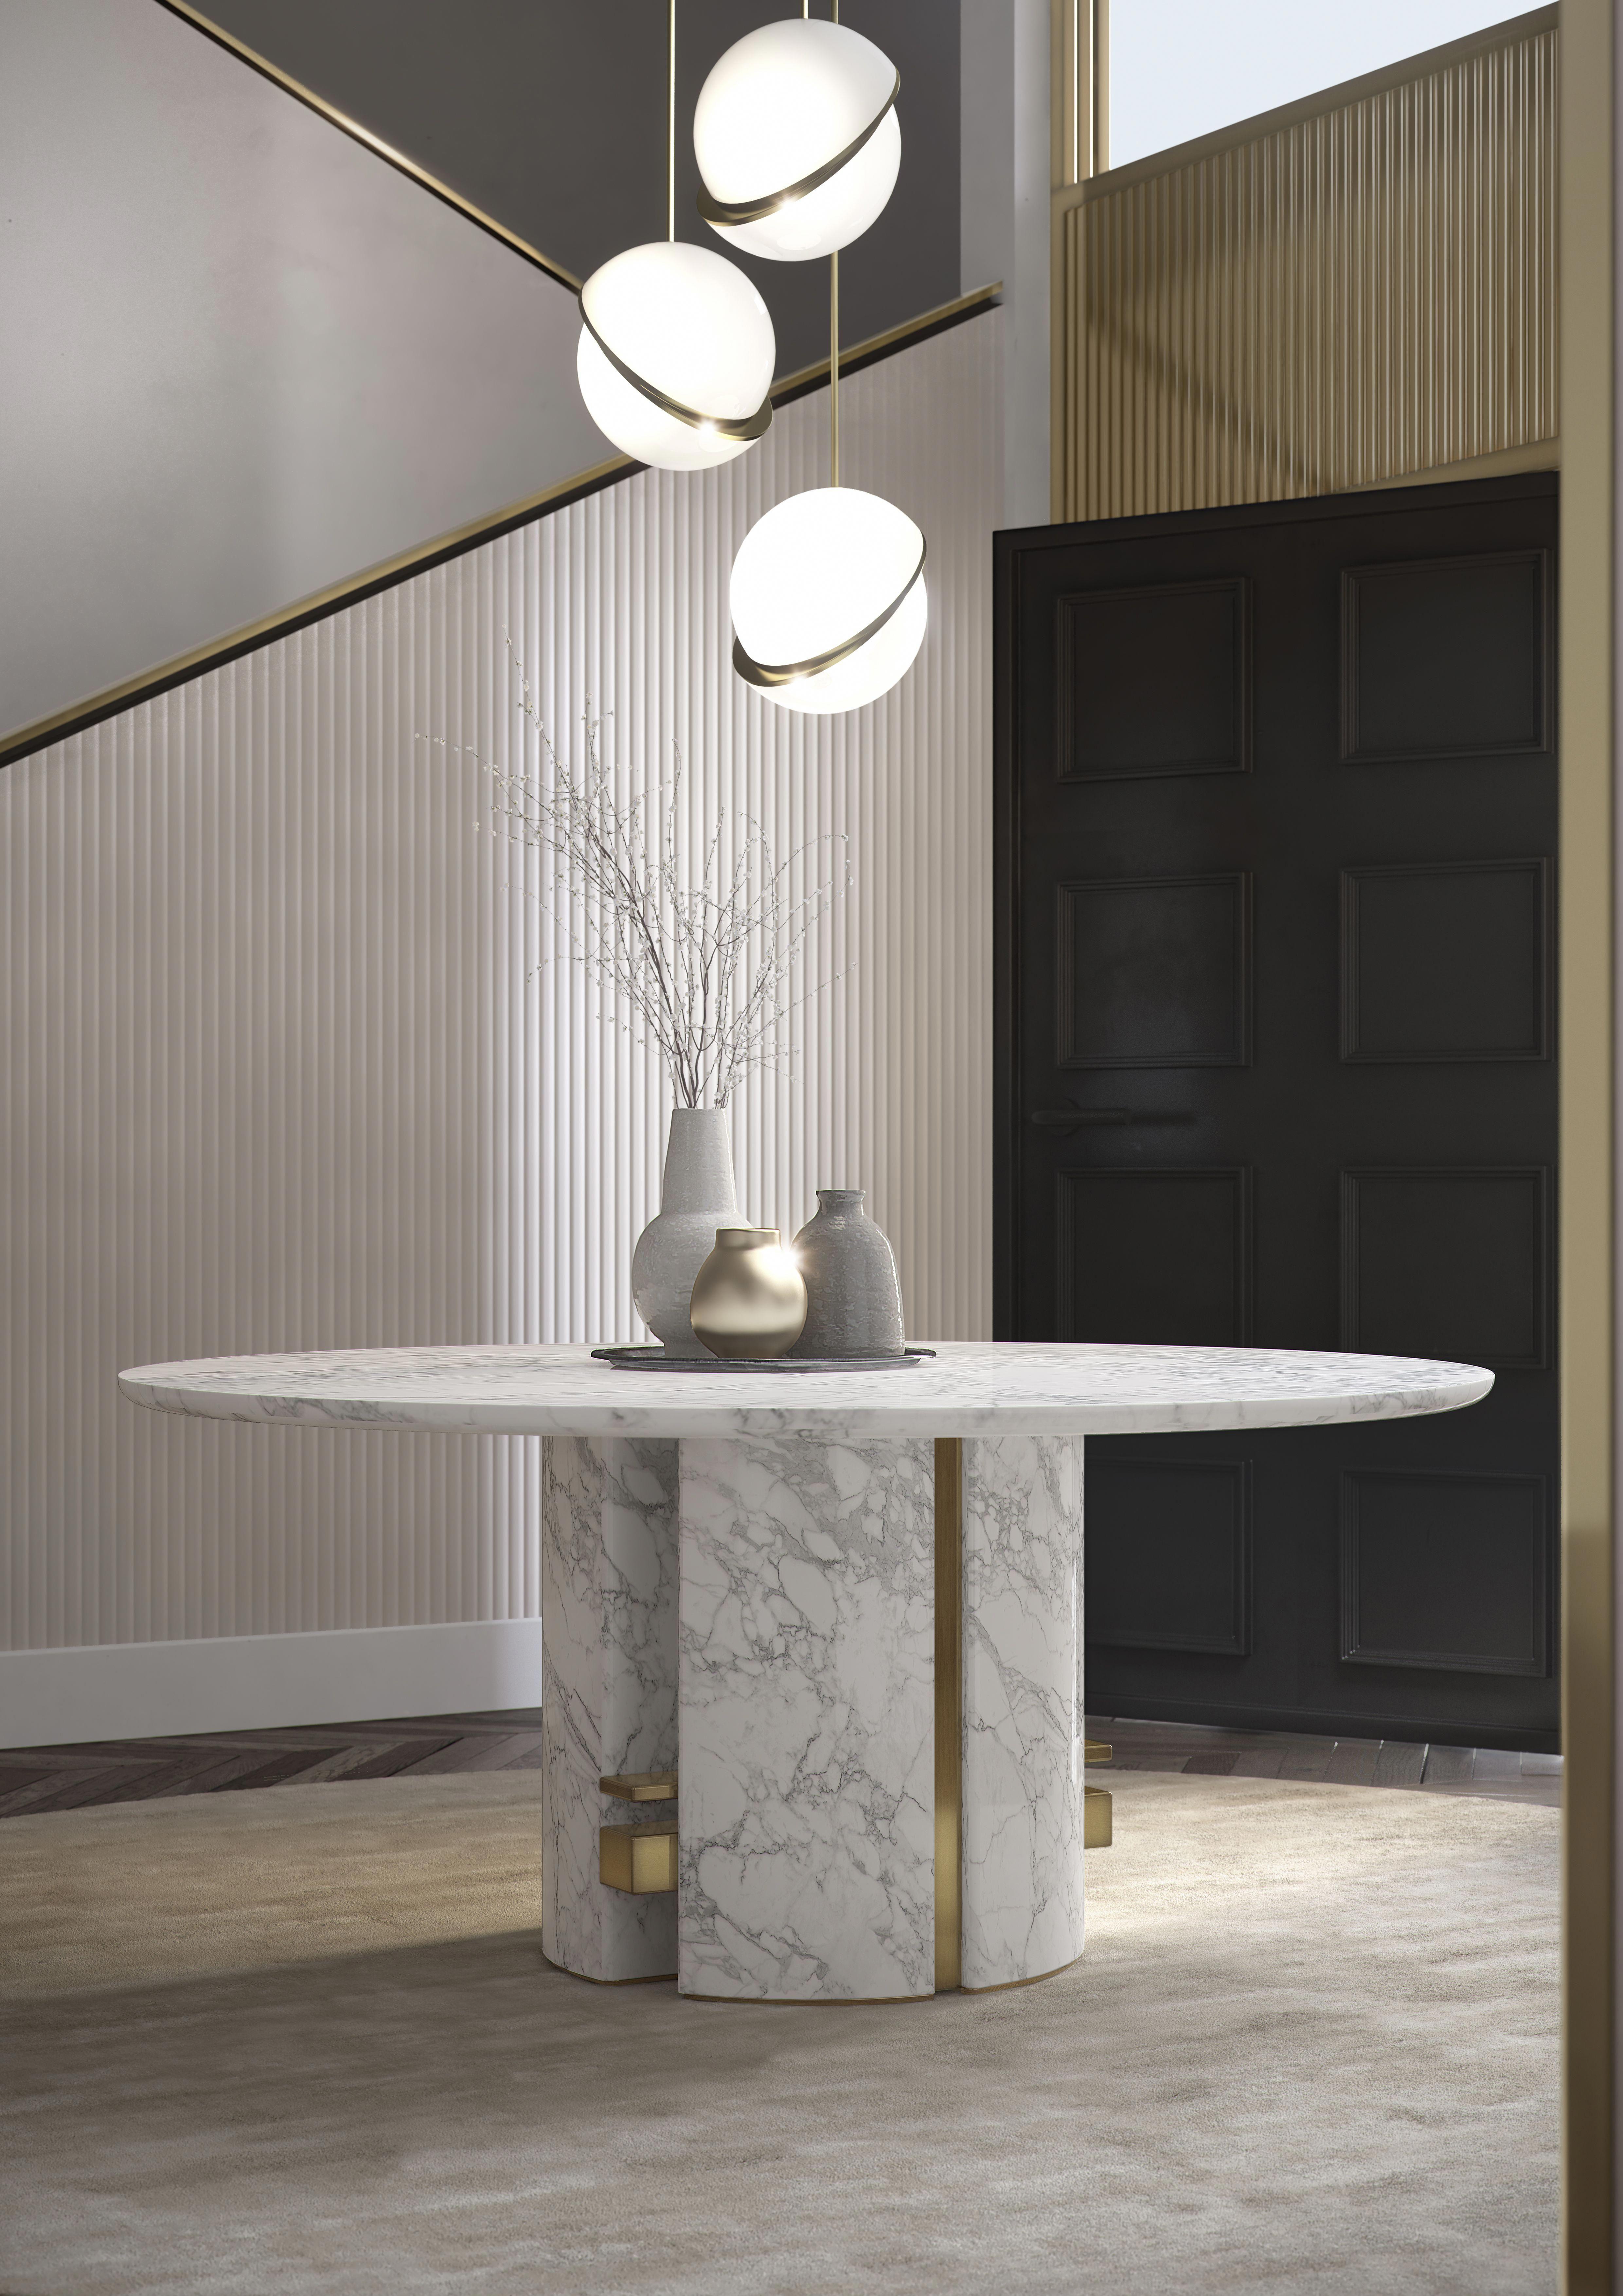 Ercole capital collection arredamento e luxury design for Luxury arredamento